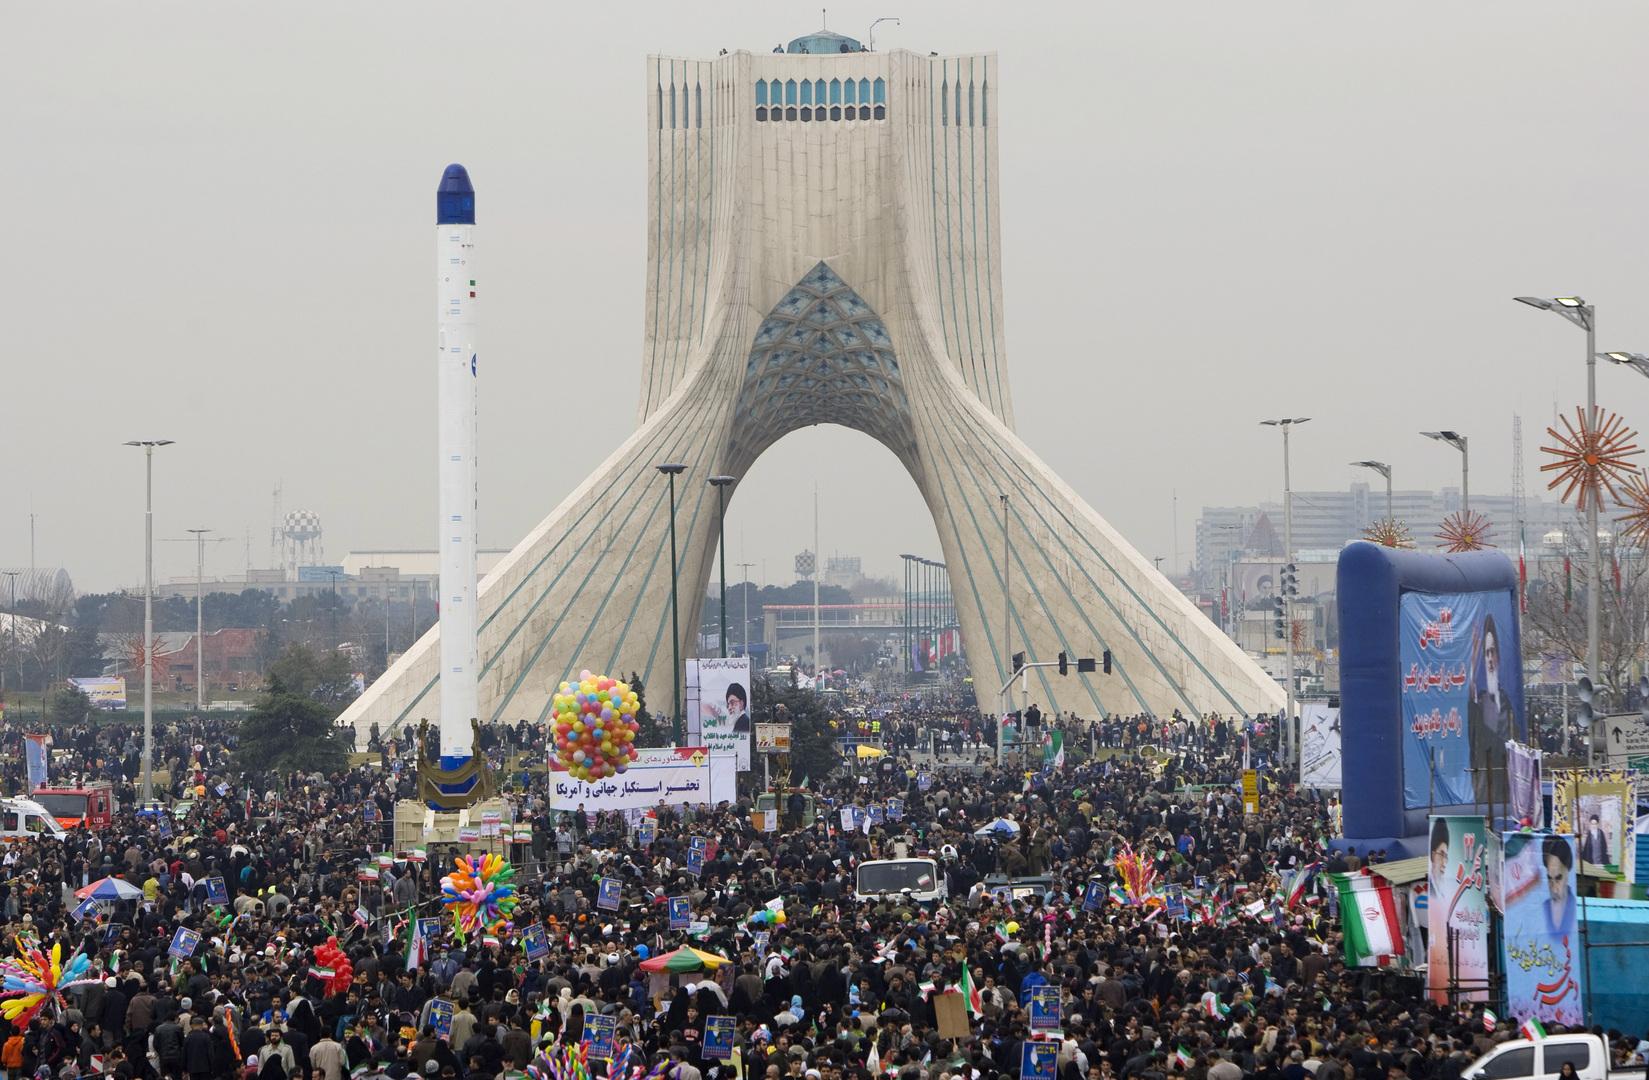 الخارجية الإيرانية: في حال ثبت ضلوع كيان أو دولة في حادث نطنز ستتخذ إيران ردا حاسما